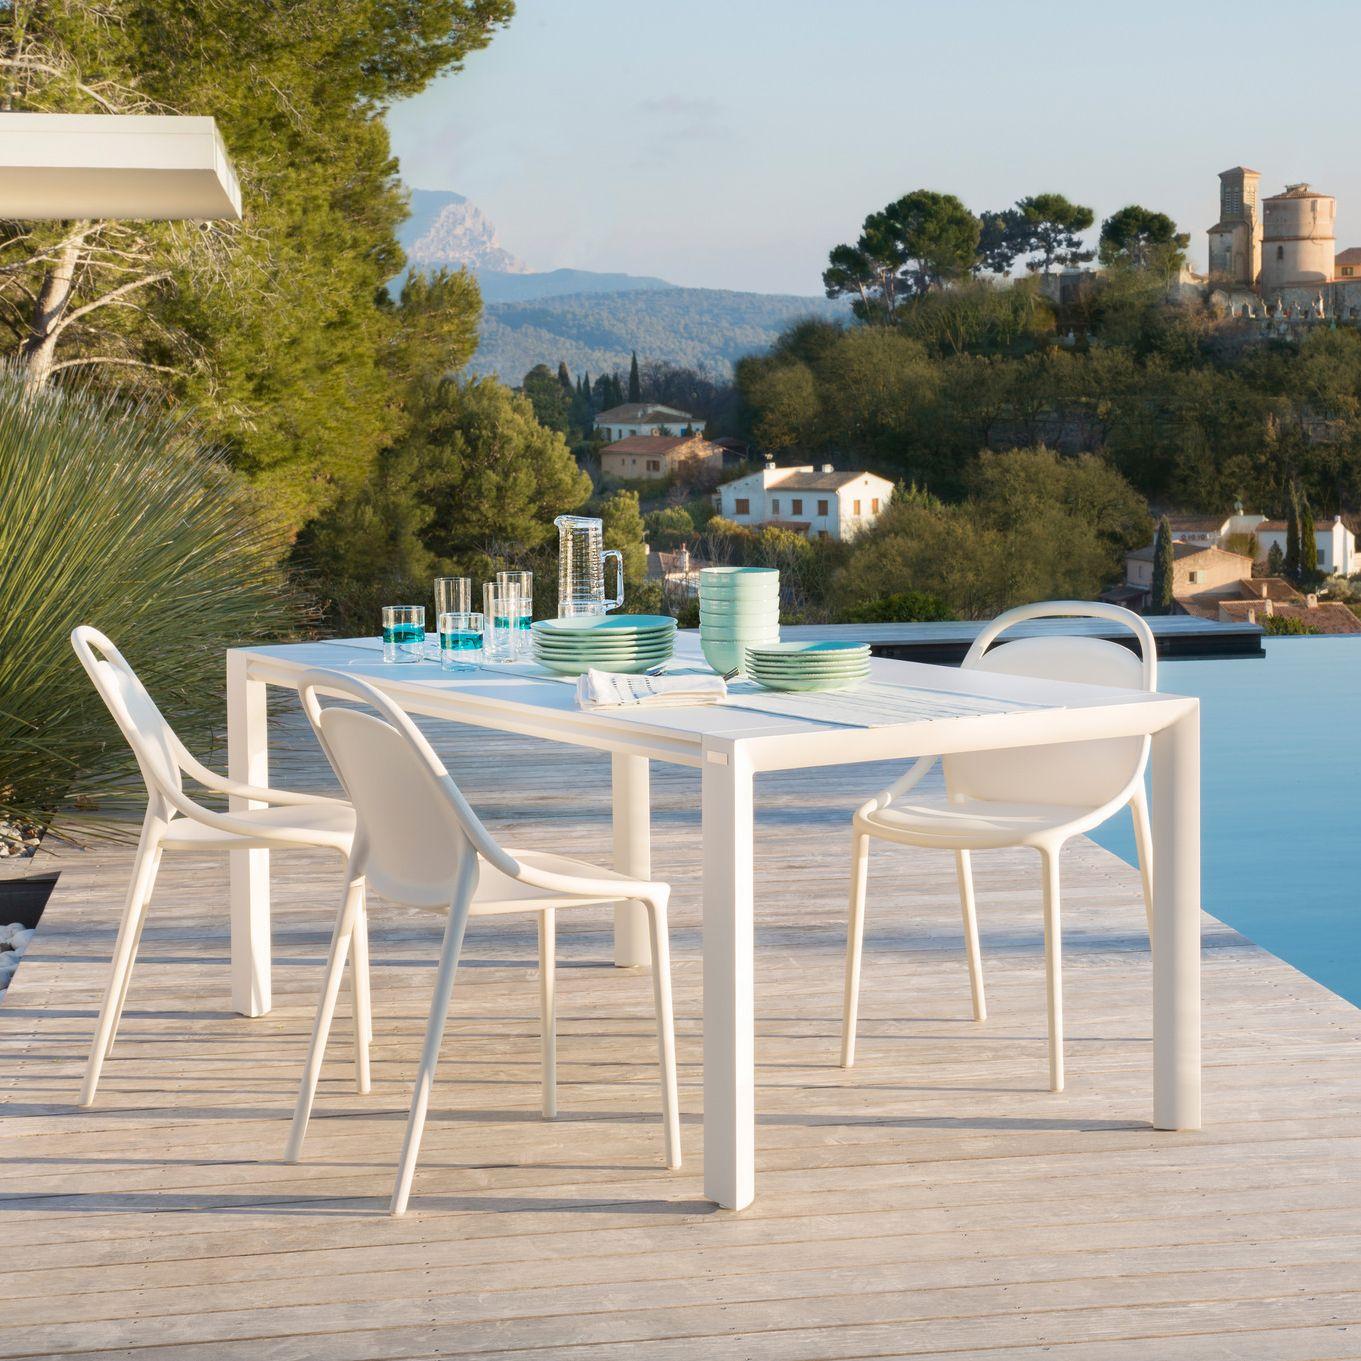 Blanche Table de jardin rectangulaire en aluminium laqué blanc ...